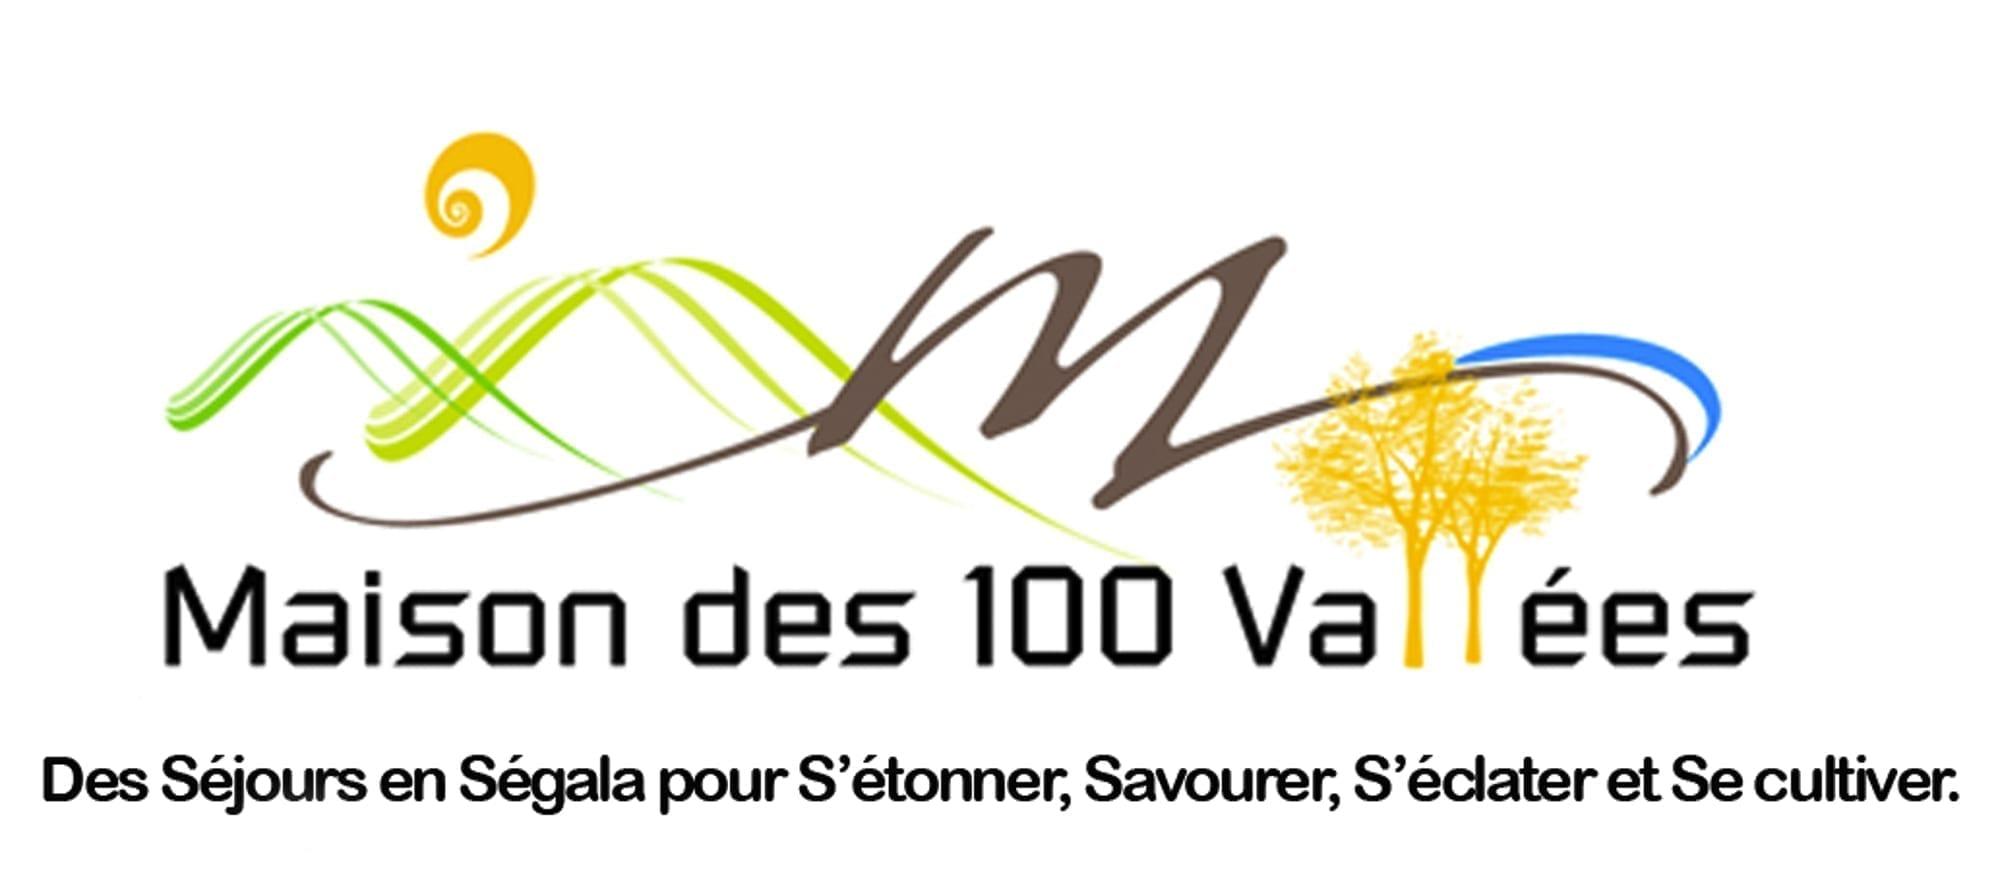 Création graphique pour Maison des 100 vallées